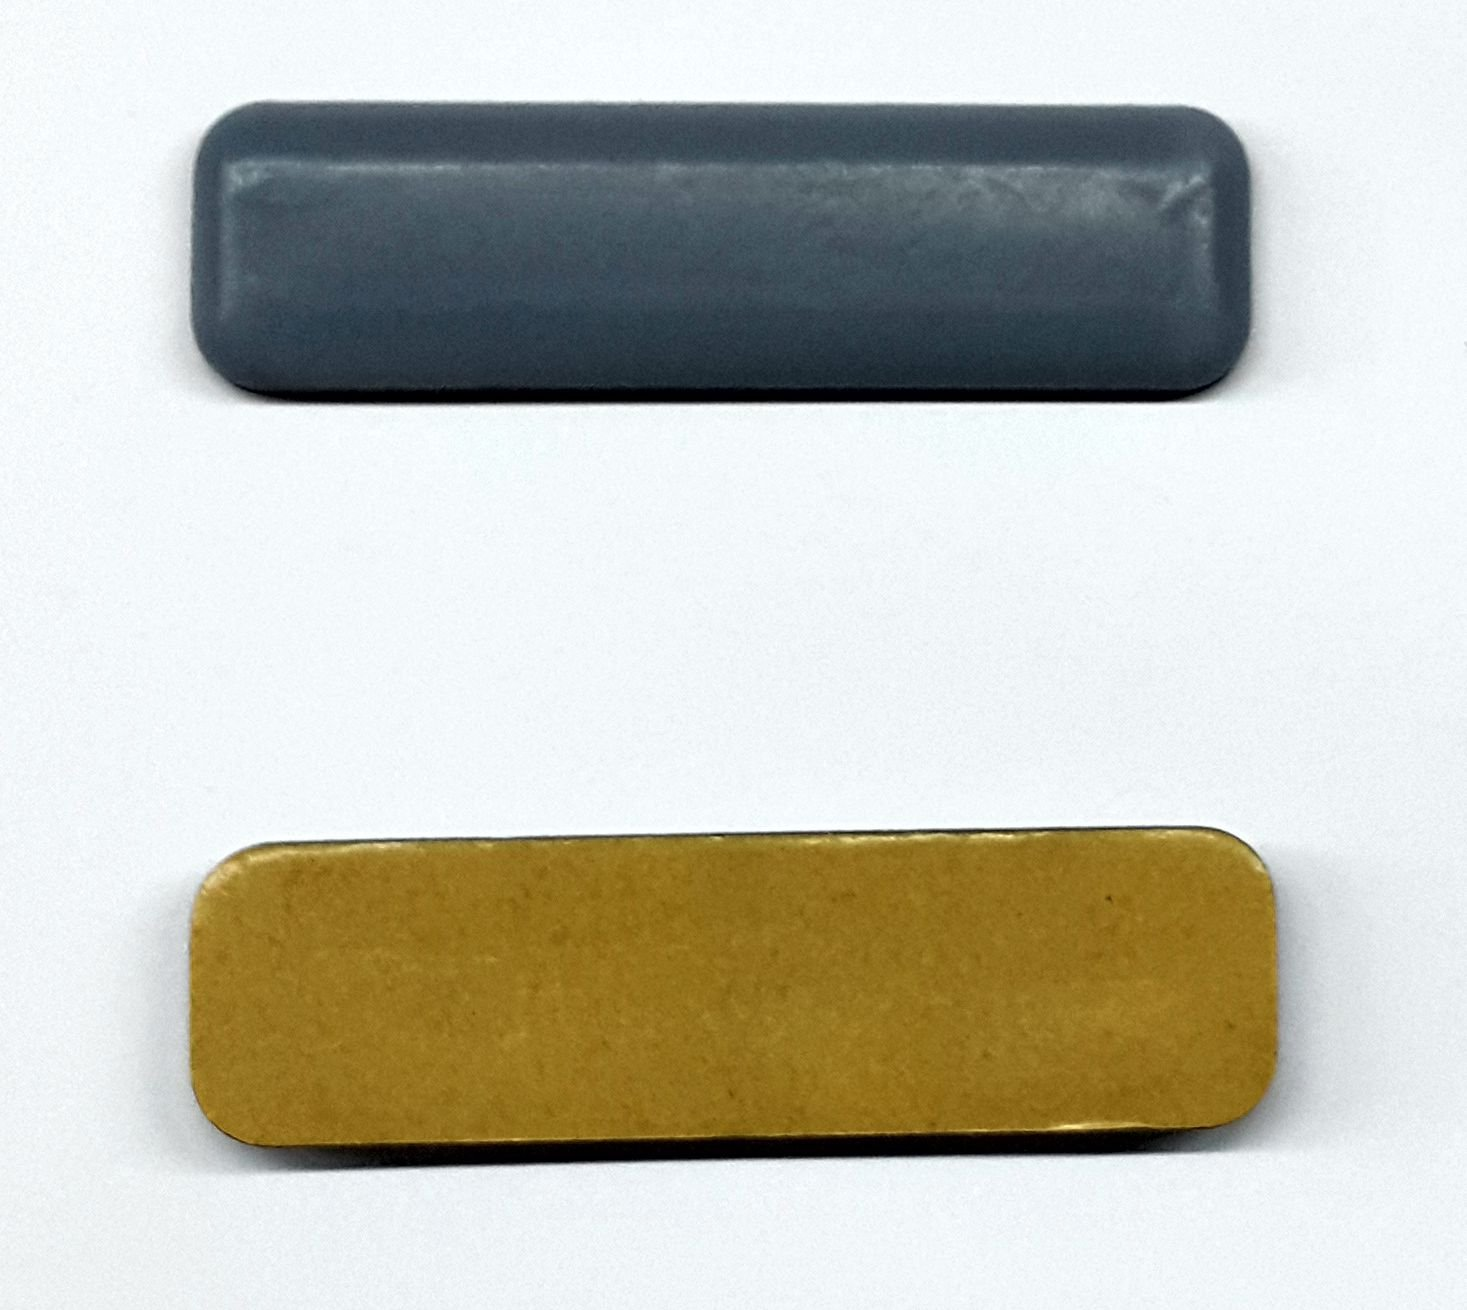 4 Teflongleiter selbstklebend 15 x 75 mm Eckig PTFE-Gleiter Untersetzer Möbel